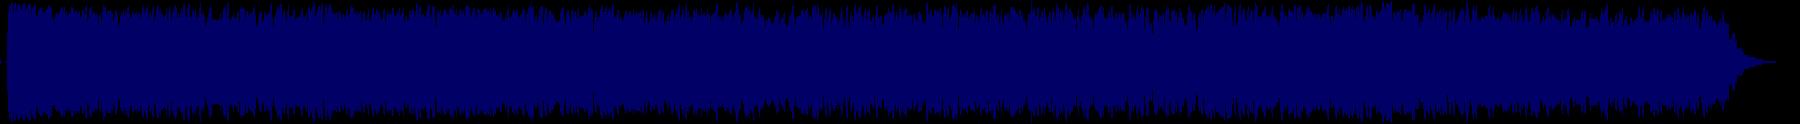 waveform of track #73396